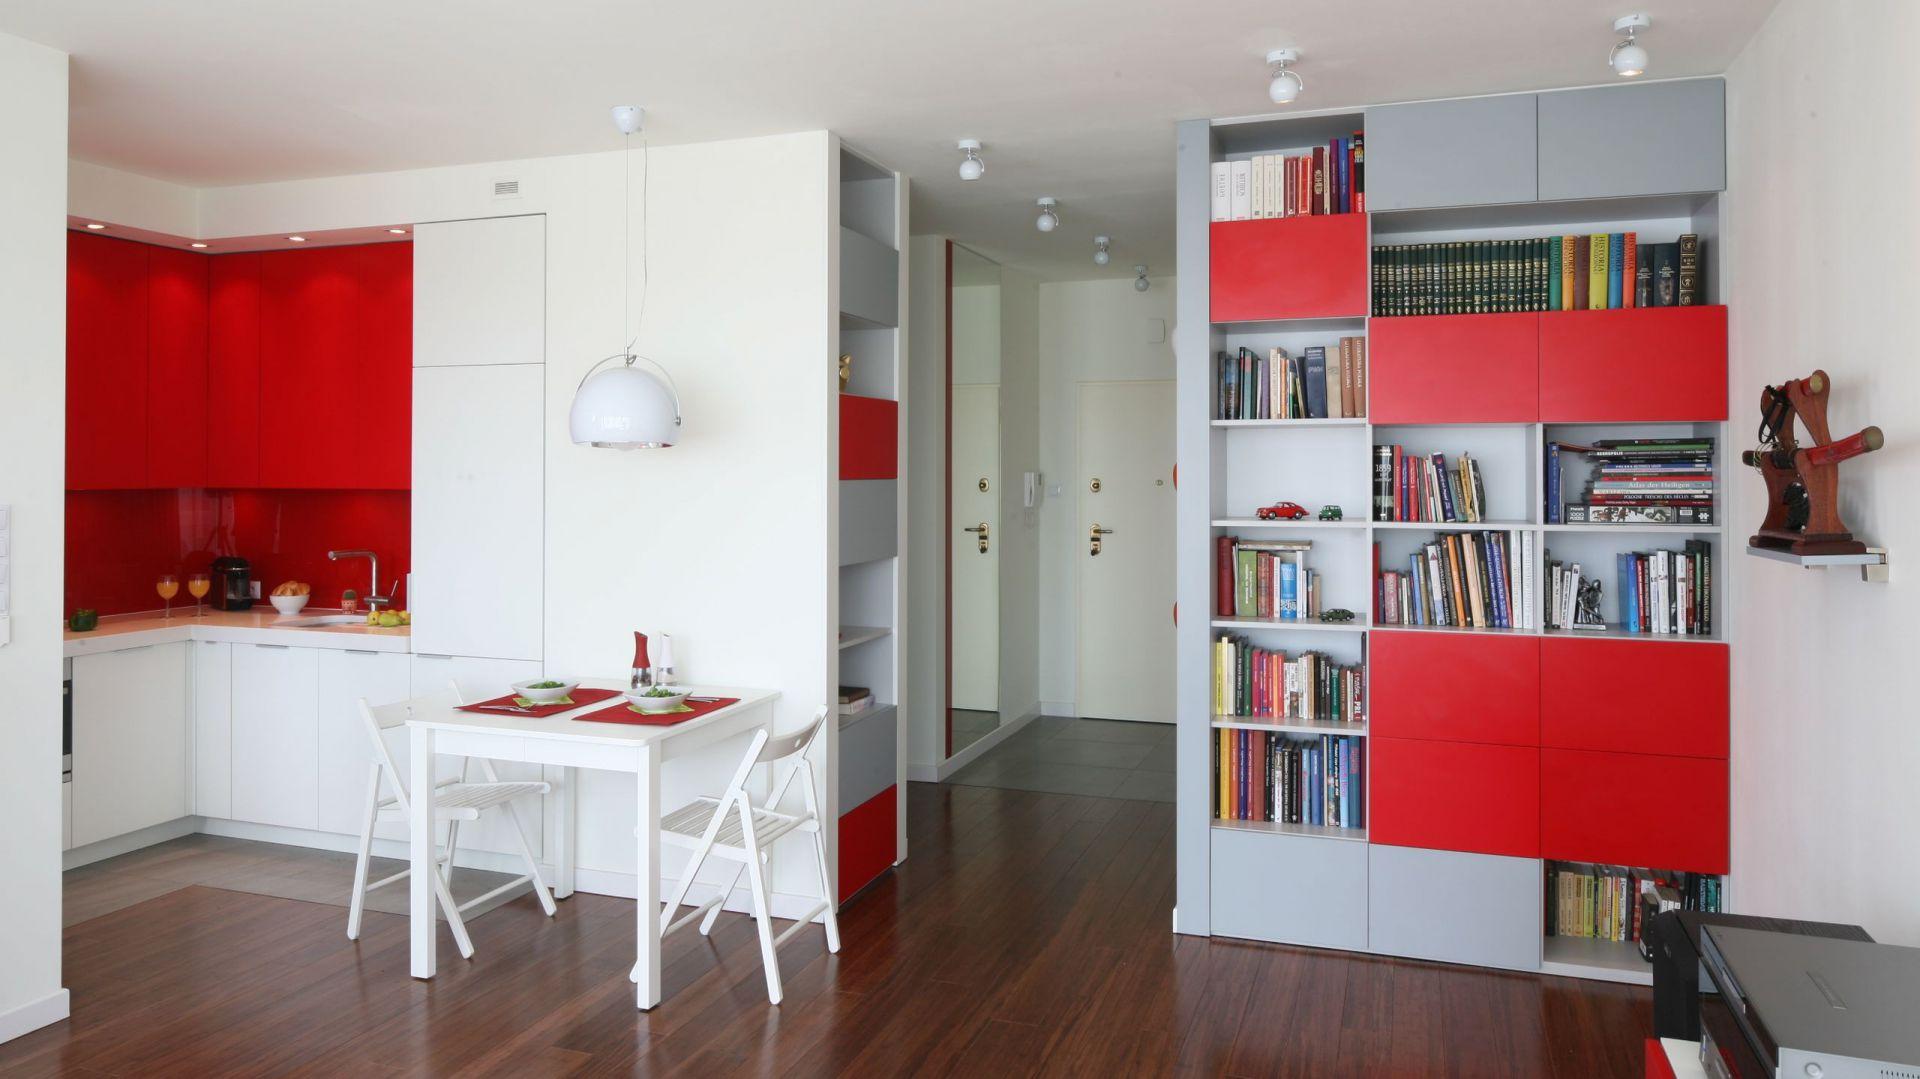 Całe mieszkanie urządzone jest w jednolitej stylistyce i palecie kolorów. Czerwono-biały aneks kuchenny stanowi jego integralną część. Fot. Bartosz Jarosz.